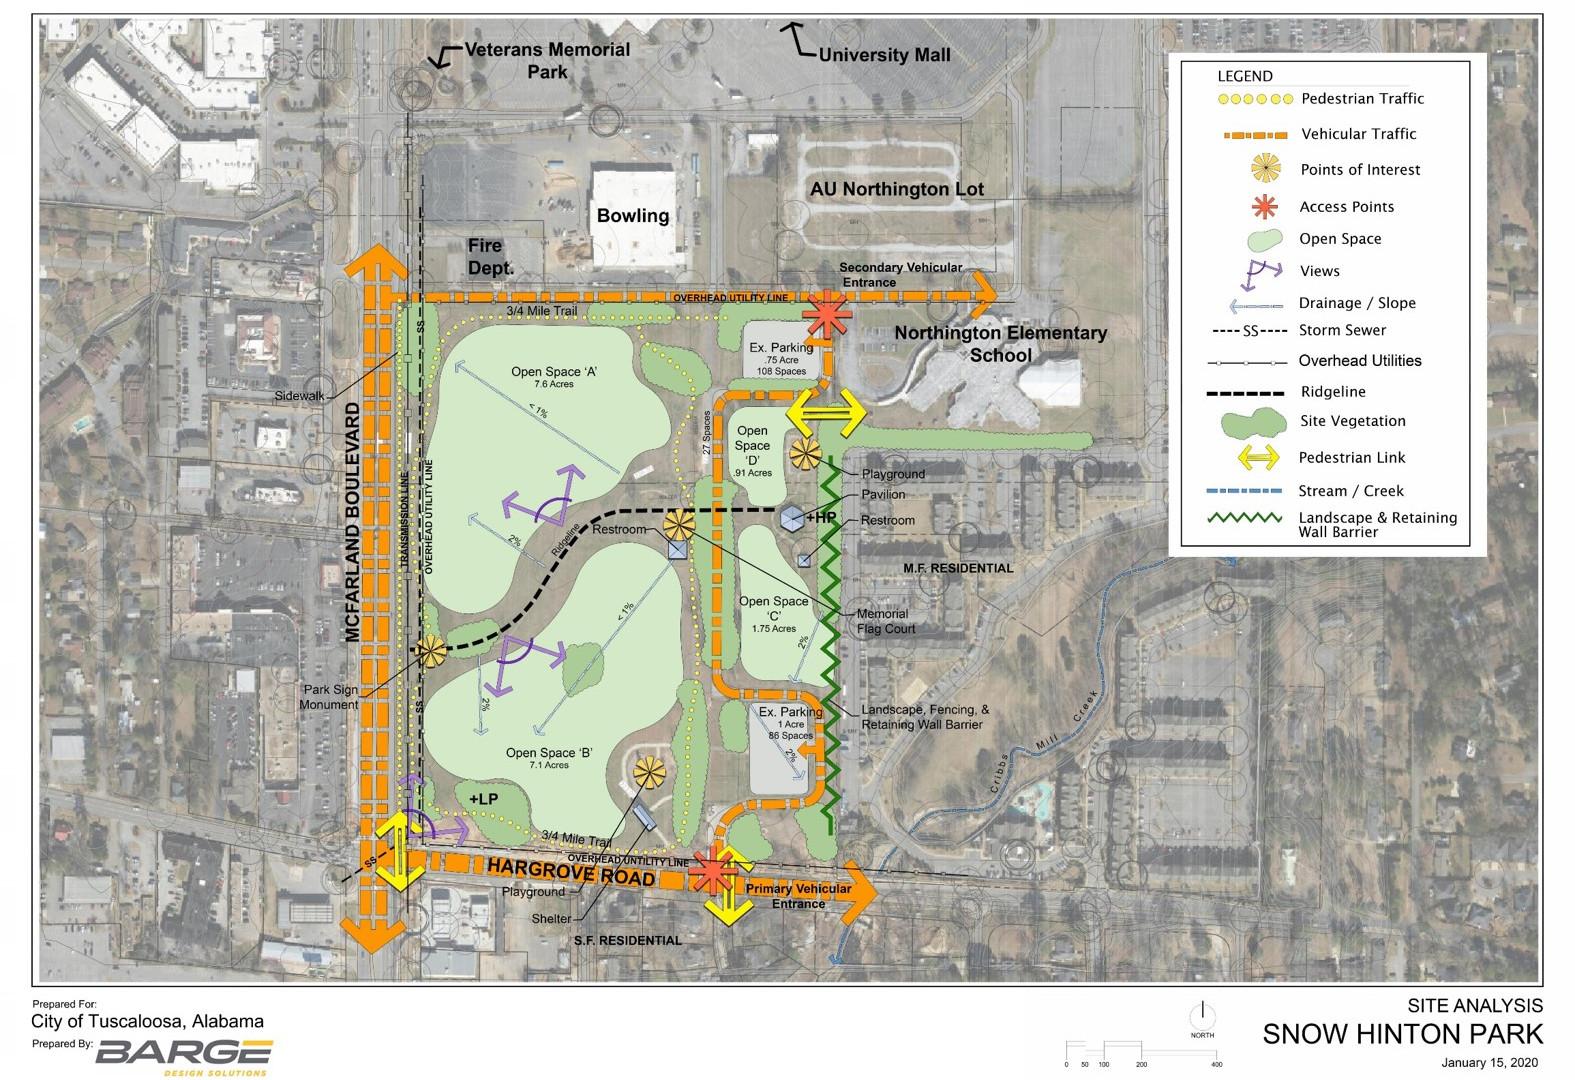 Snow Hinton Park Site Analysis